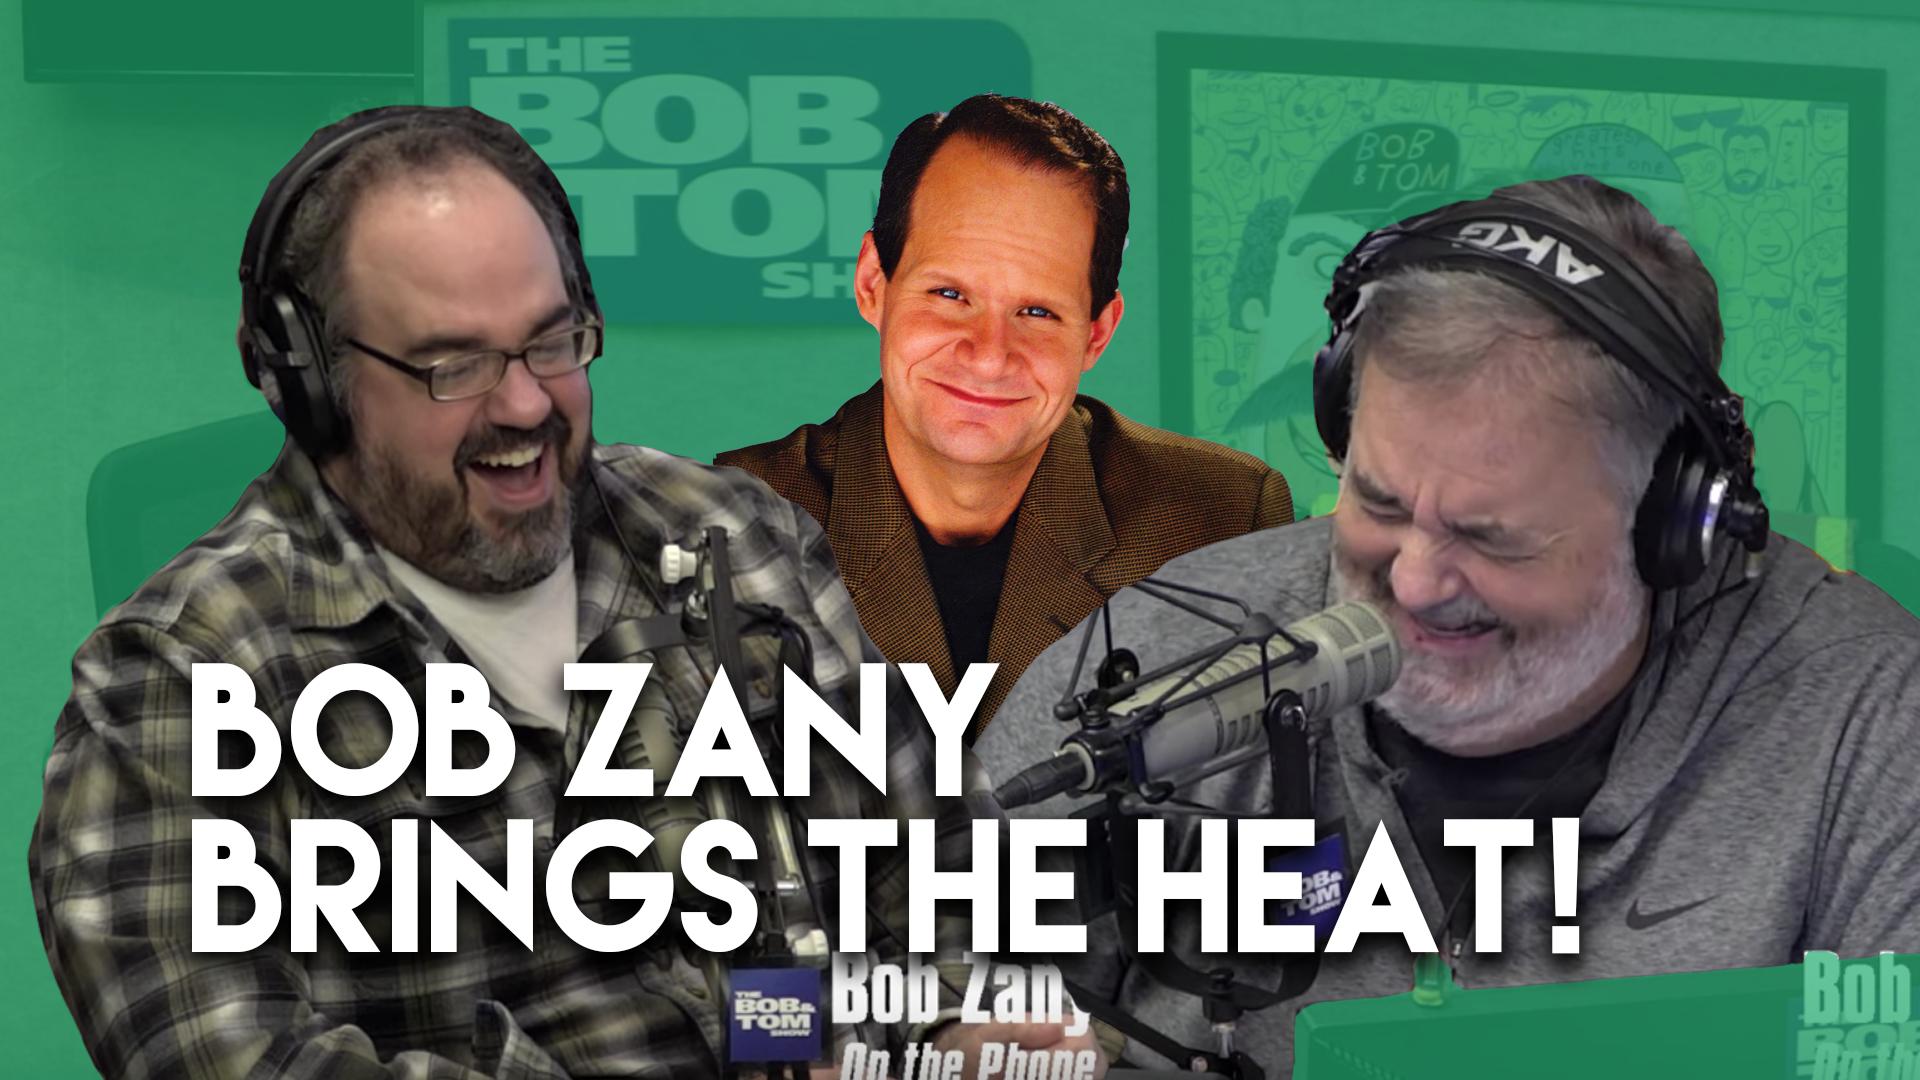 Bob Zany Brings The Heat!